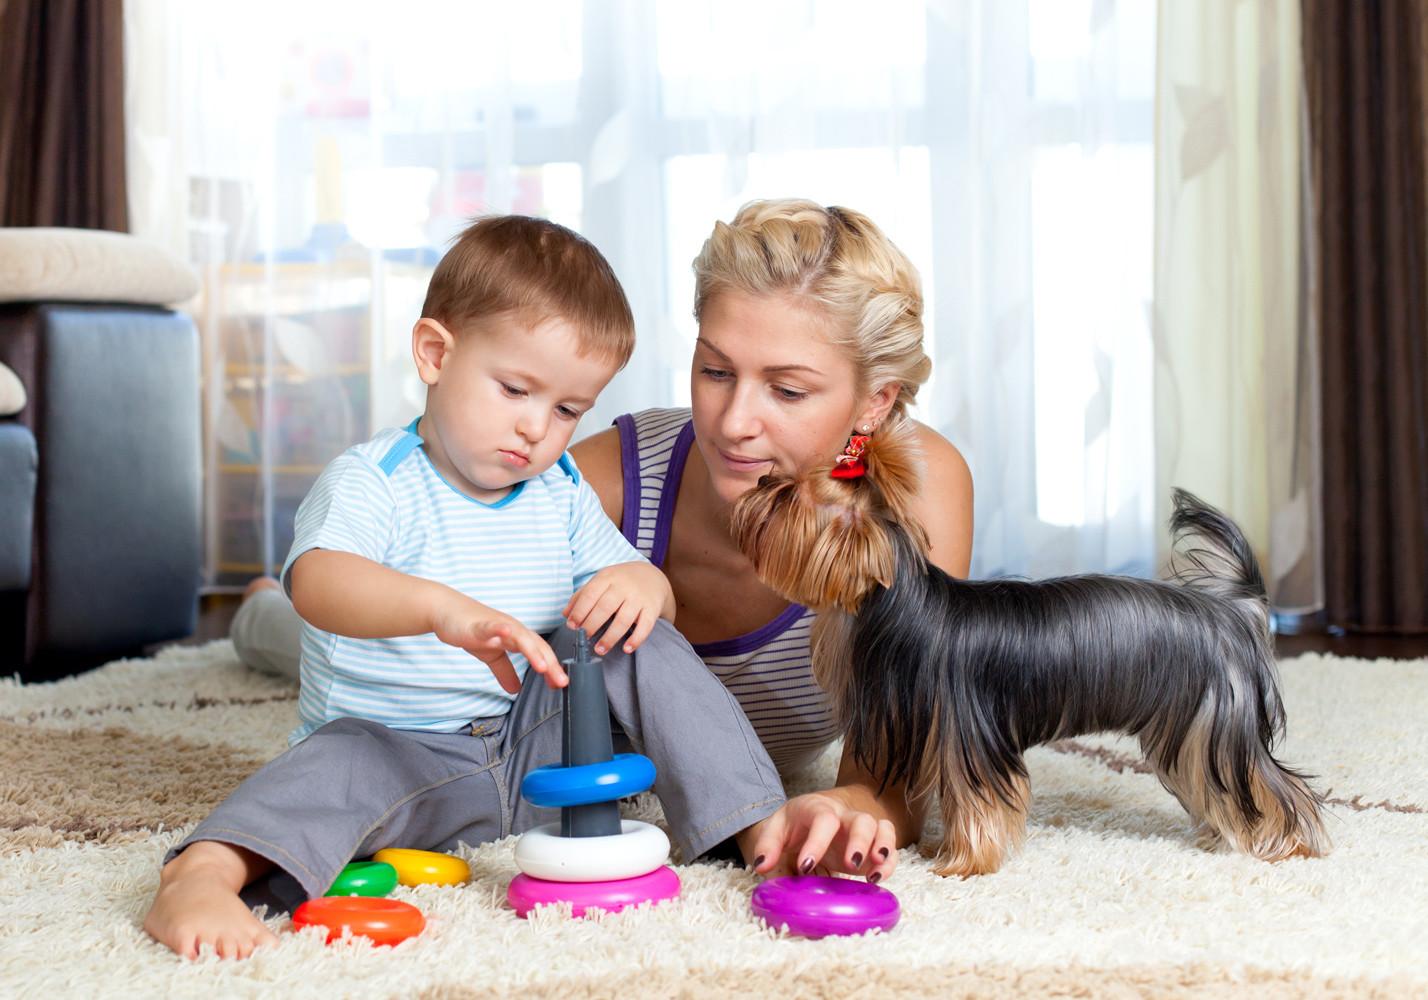 Активная мама и медлительный малыш: как подстроить разные темпераменты